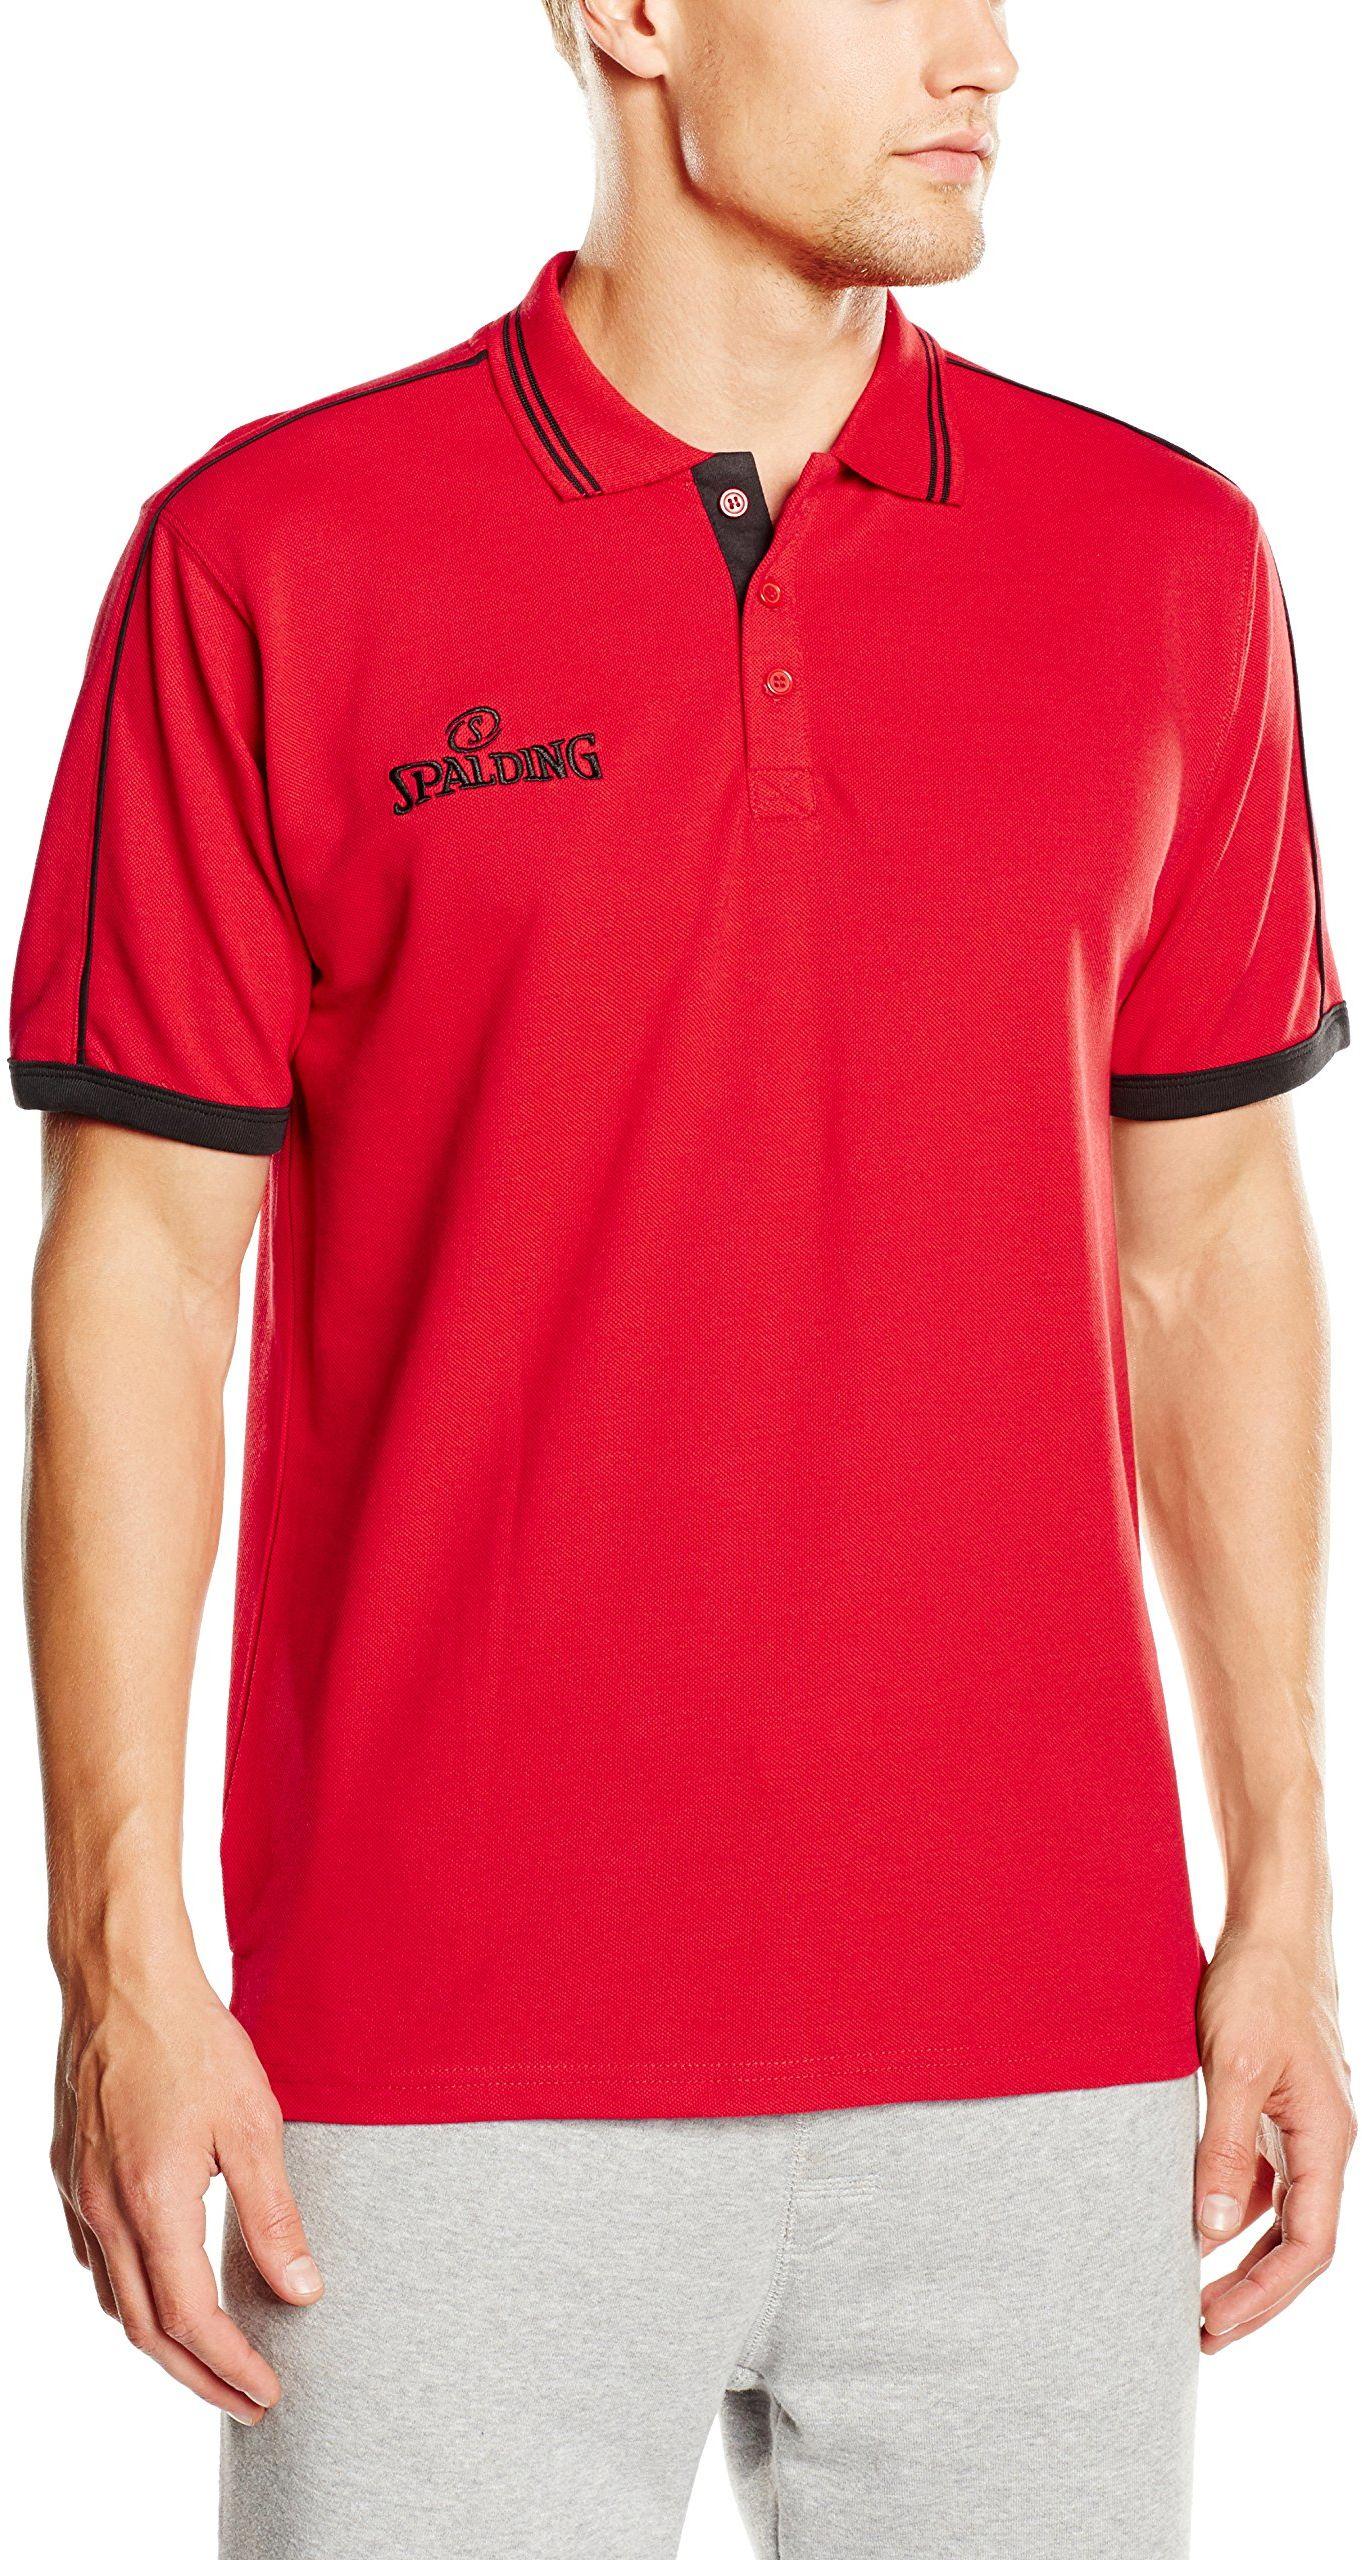 Spalding Męska koszulka polo, czerwony/czarny, XL